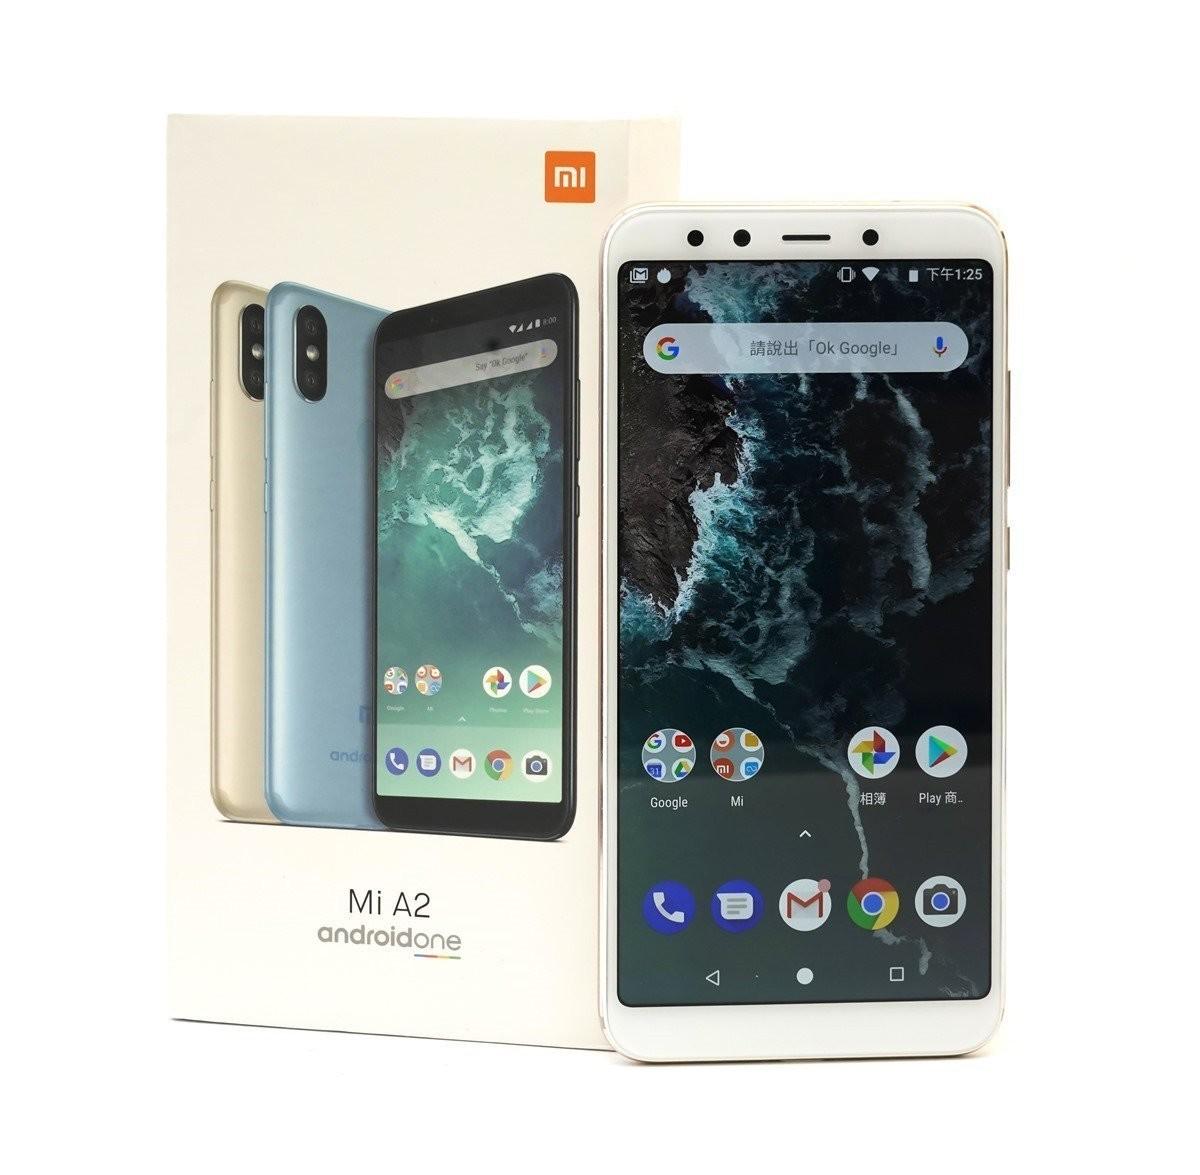 是AndroidOne 原生系統!小米 A2 性能實測 / 規格表,不一樣的小米手機!一樣超值!這篇文章的首圖